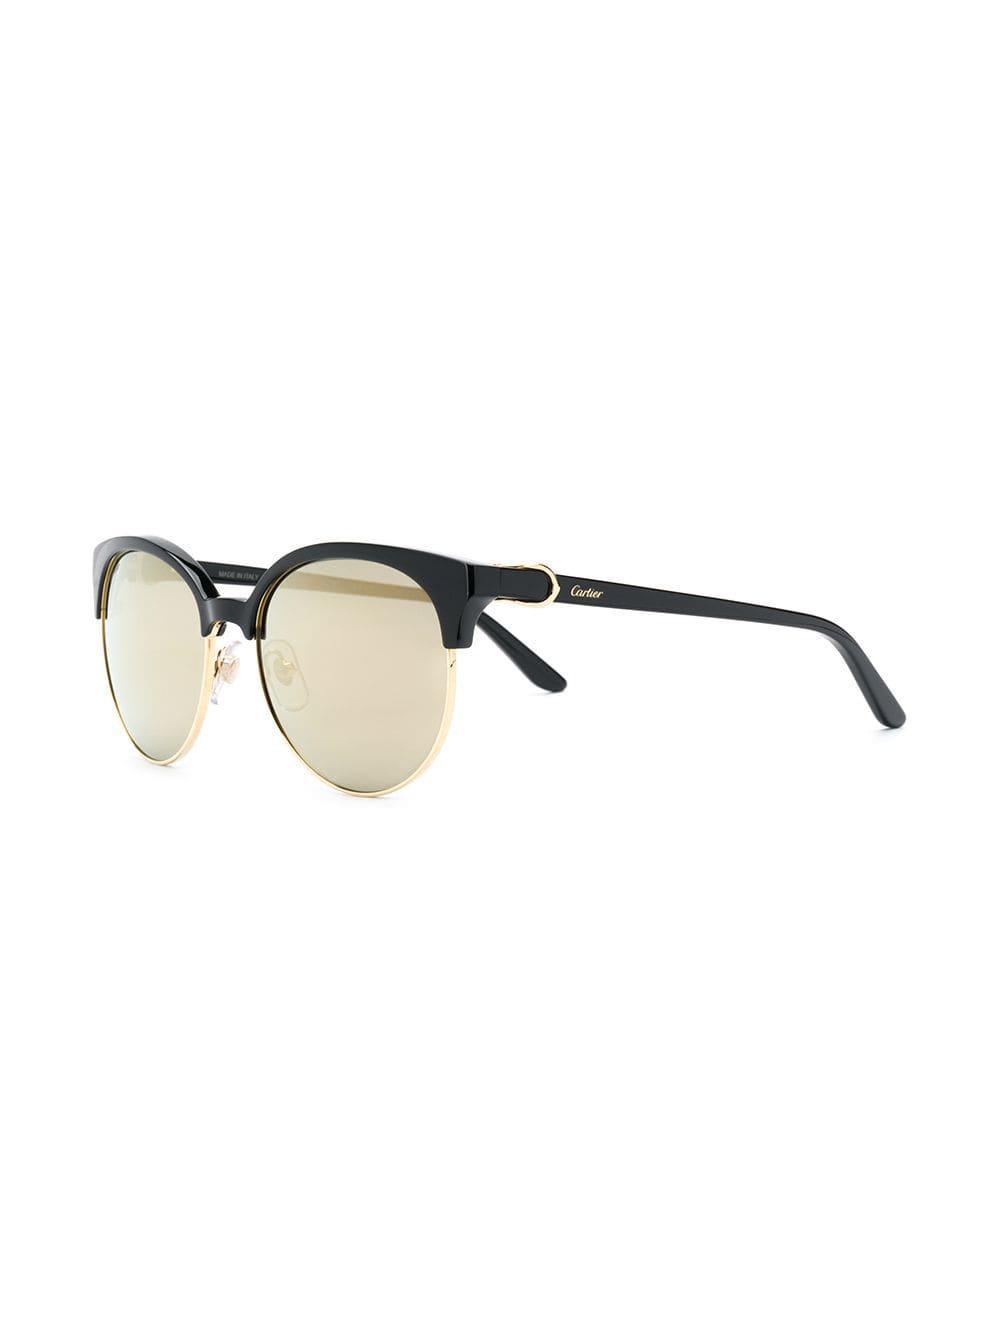 ed8b5e0a321e3 Cartier C Décor Sunglasses in Black - Lyst